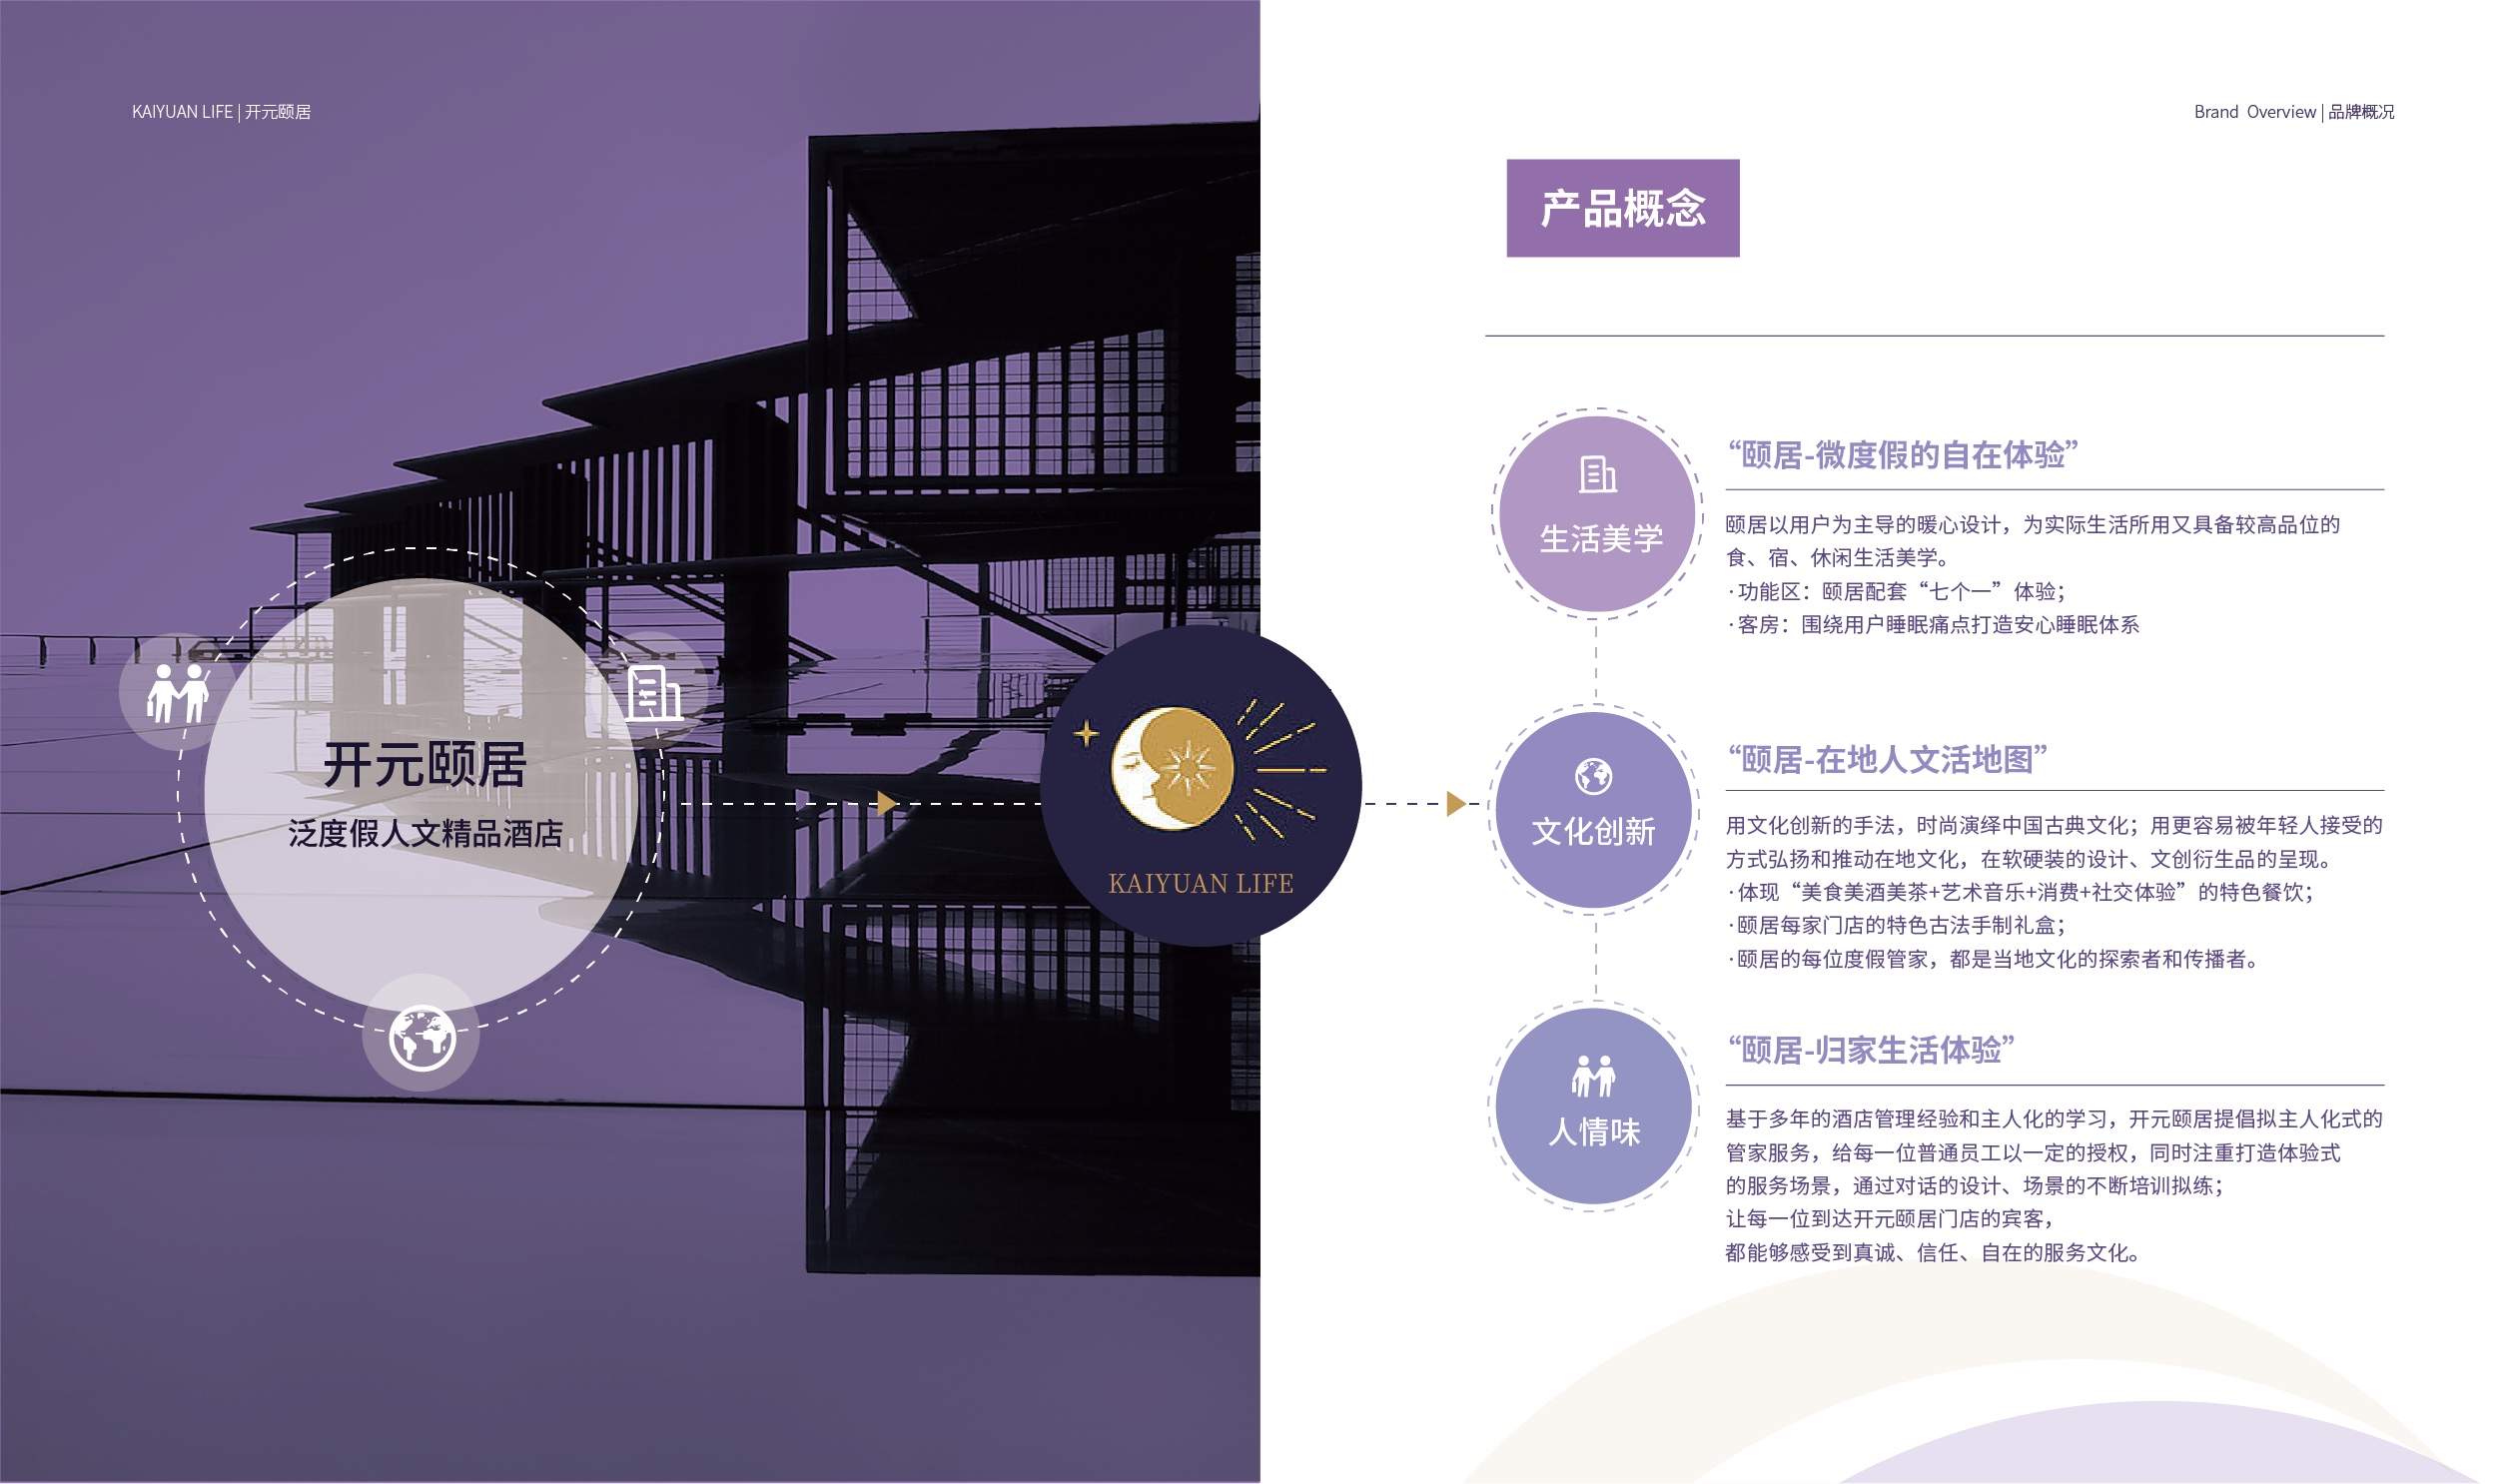 酒店品牌策划-开元颐居酒店-达岸品牌营销咨询